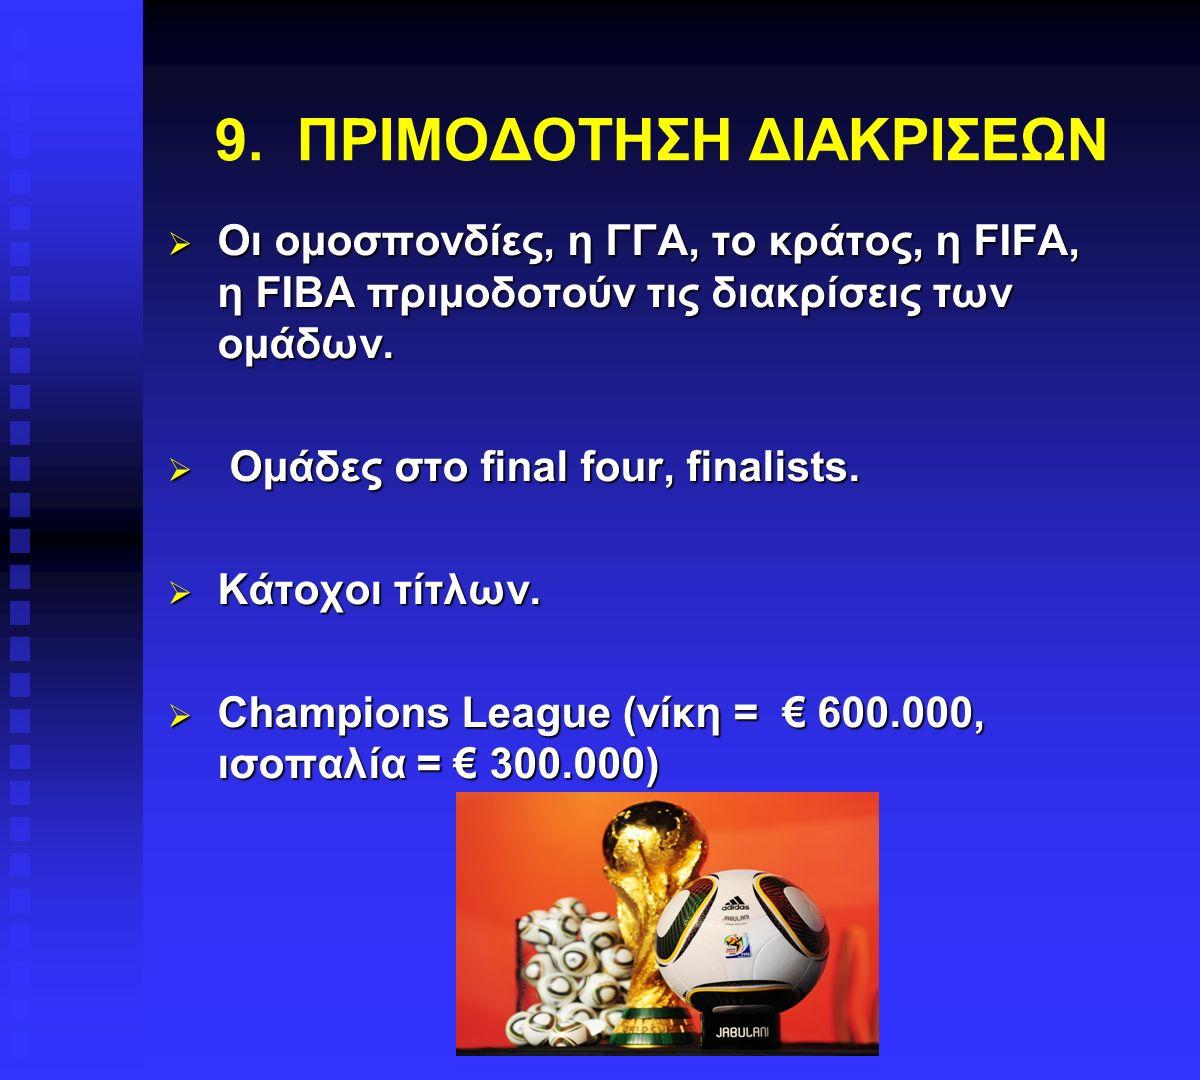 9. ΠΡΙΜΟΔΟΤΗΣΗ ΔΙΑΚΡΙΣΕΩΝ  Οι ομοσπονδίες, η ΓΓΑ, το κράτος, η FIFA, η FIBA πριμοδοτούν τις διακρίσεις των ομάδων.  Ομάδες στο final four, finalists